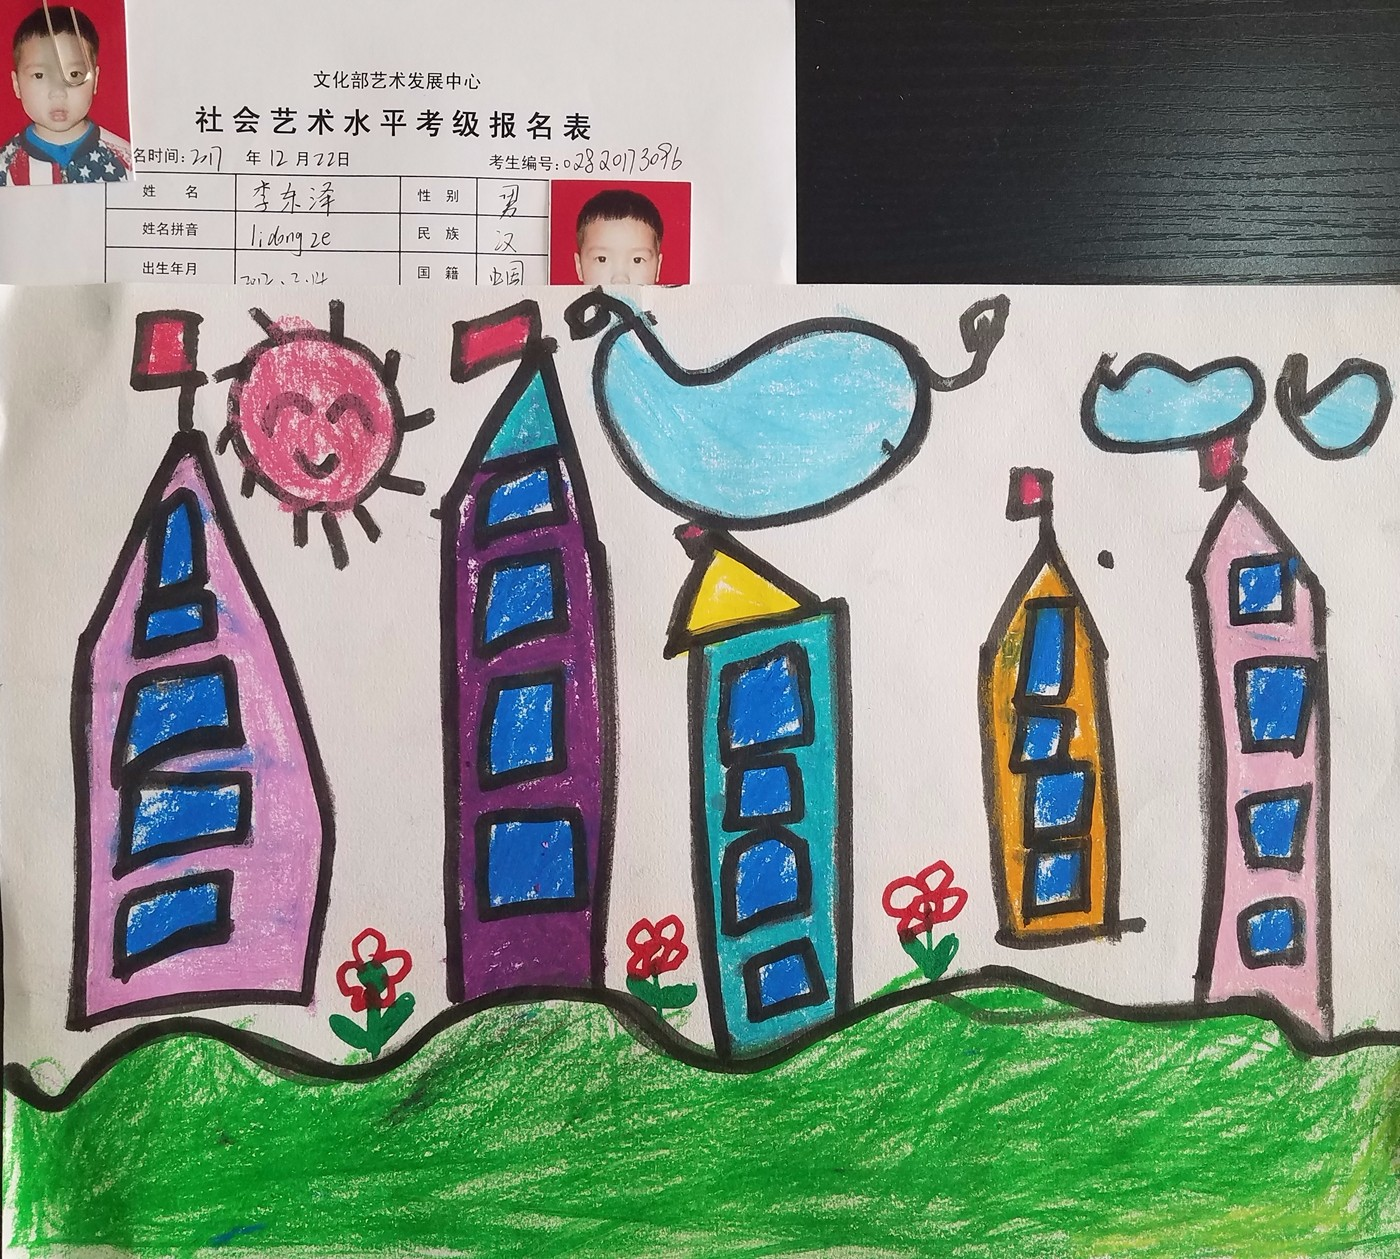 澳贝幼儿园2017考级作品展|2017年考级作品展-四川星校教育科技有限图片